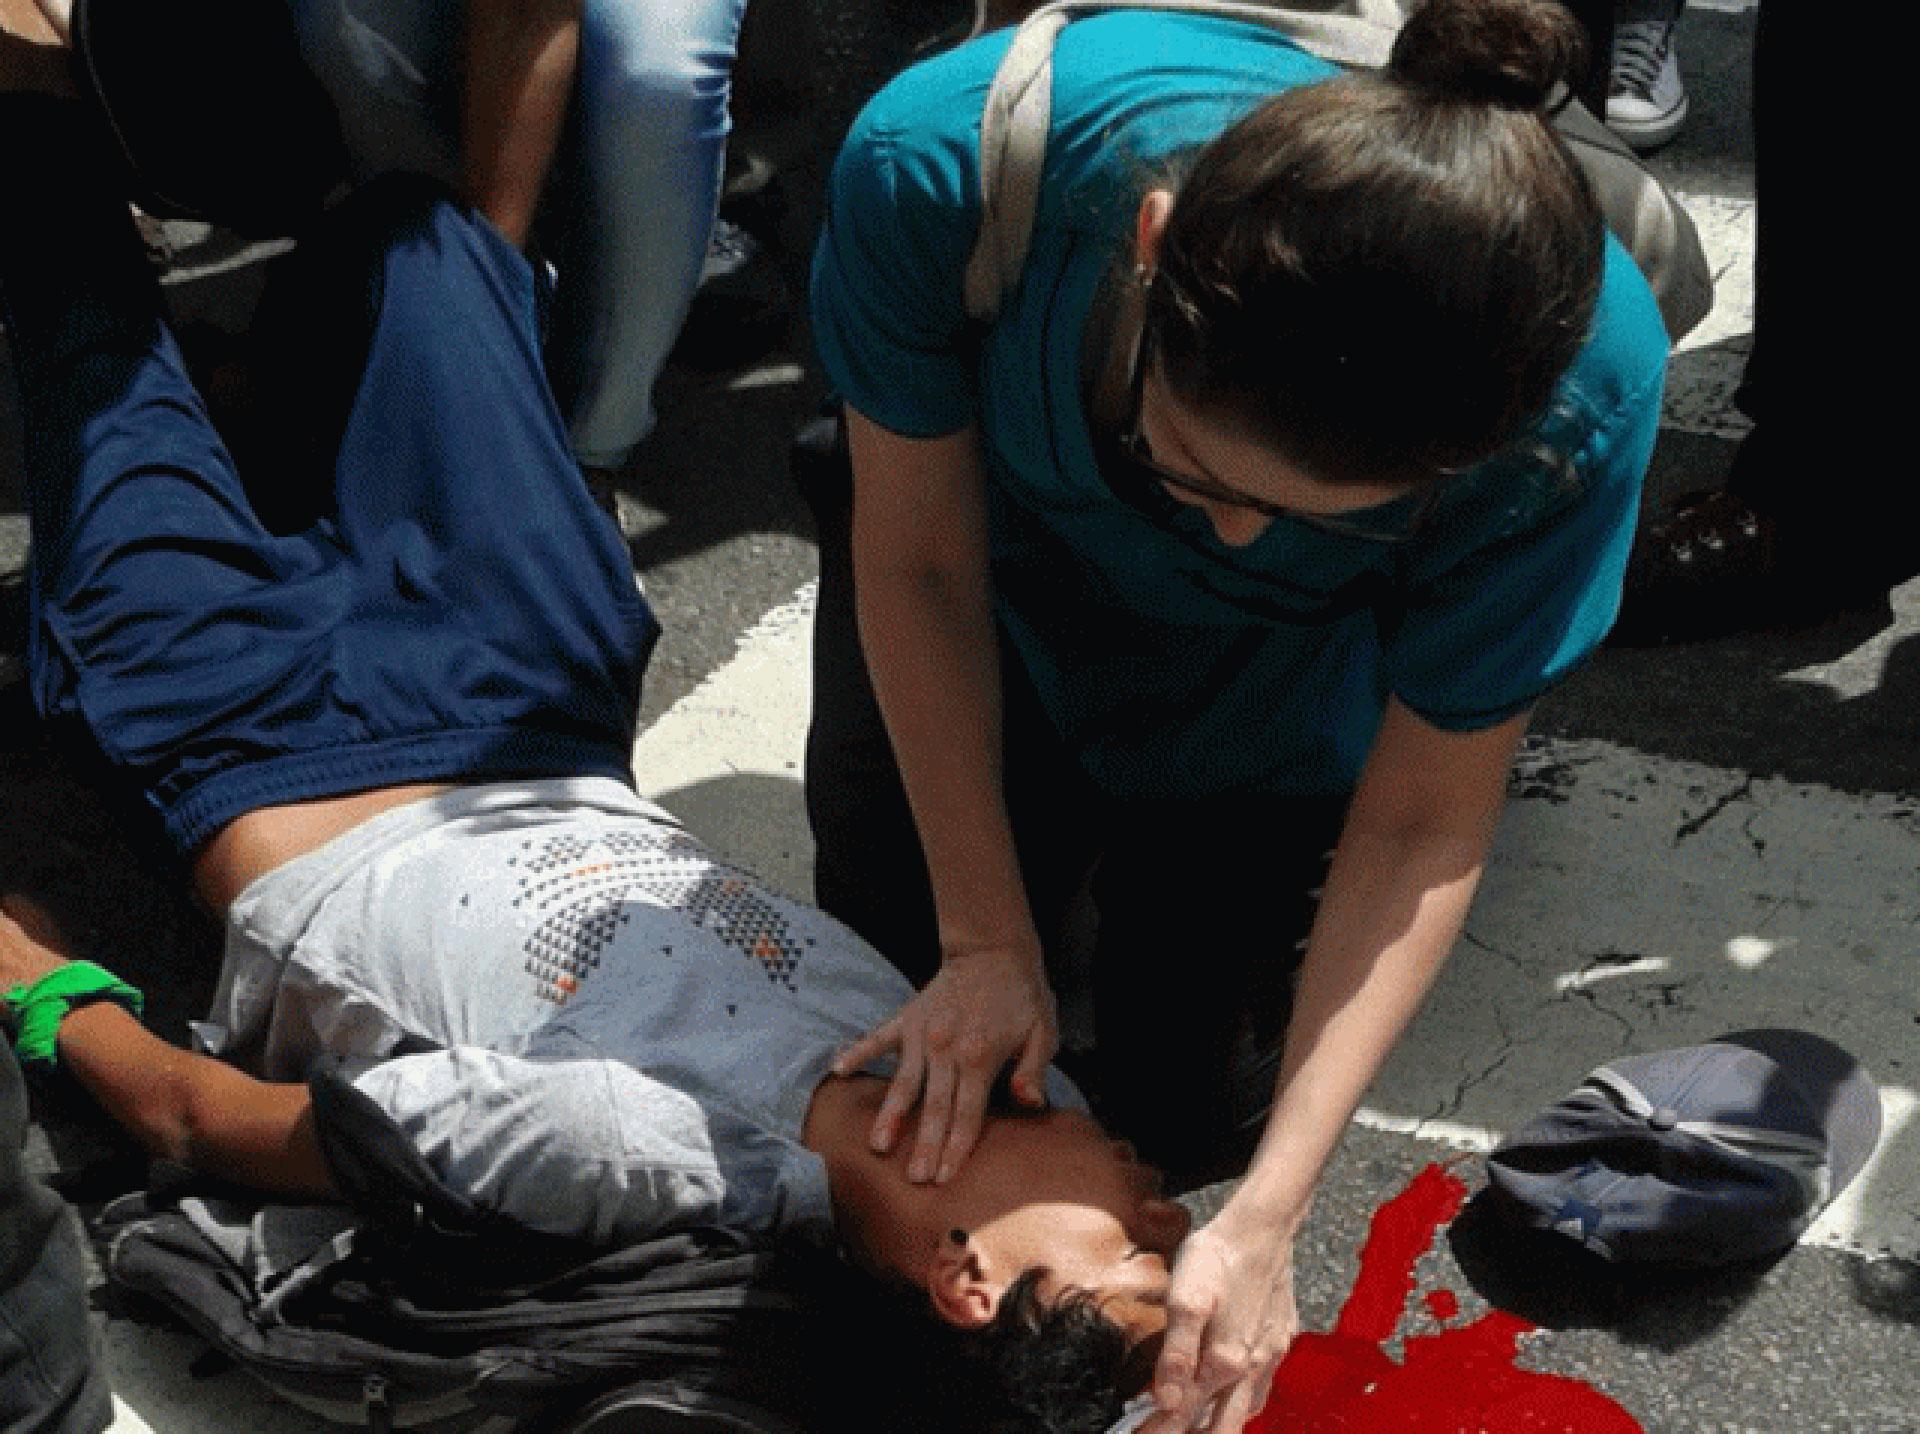 Represion en San Bernardino, donde un joven manifestante fue atacado por los colectivos chavistas